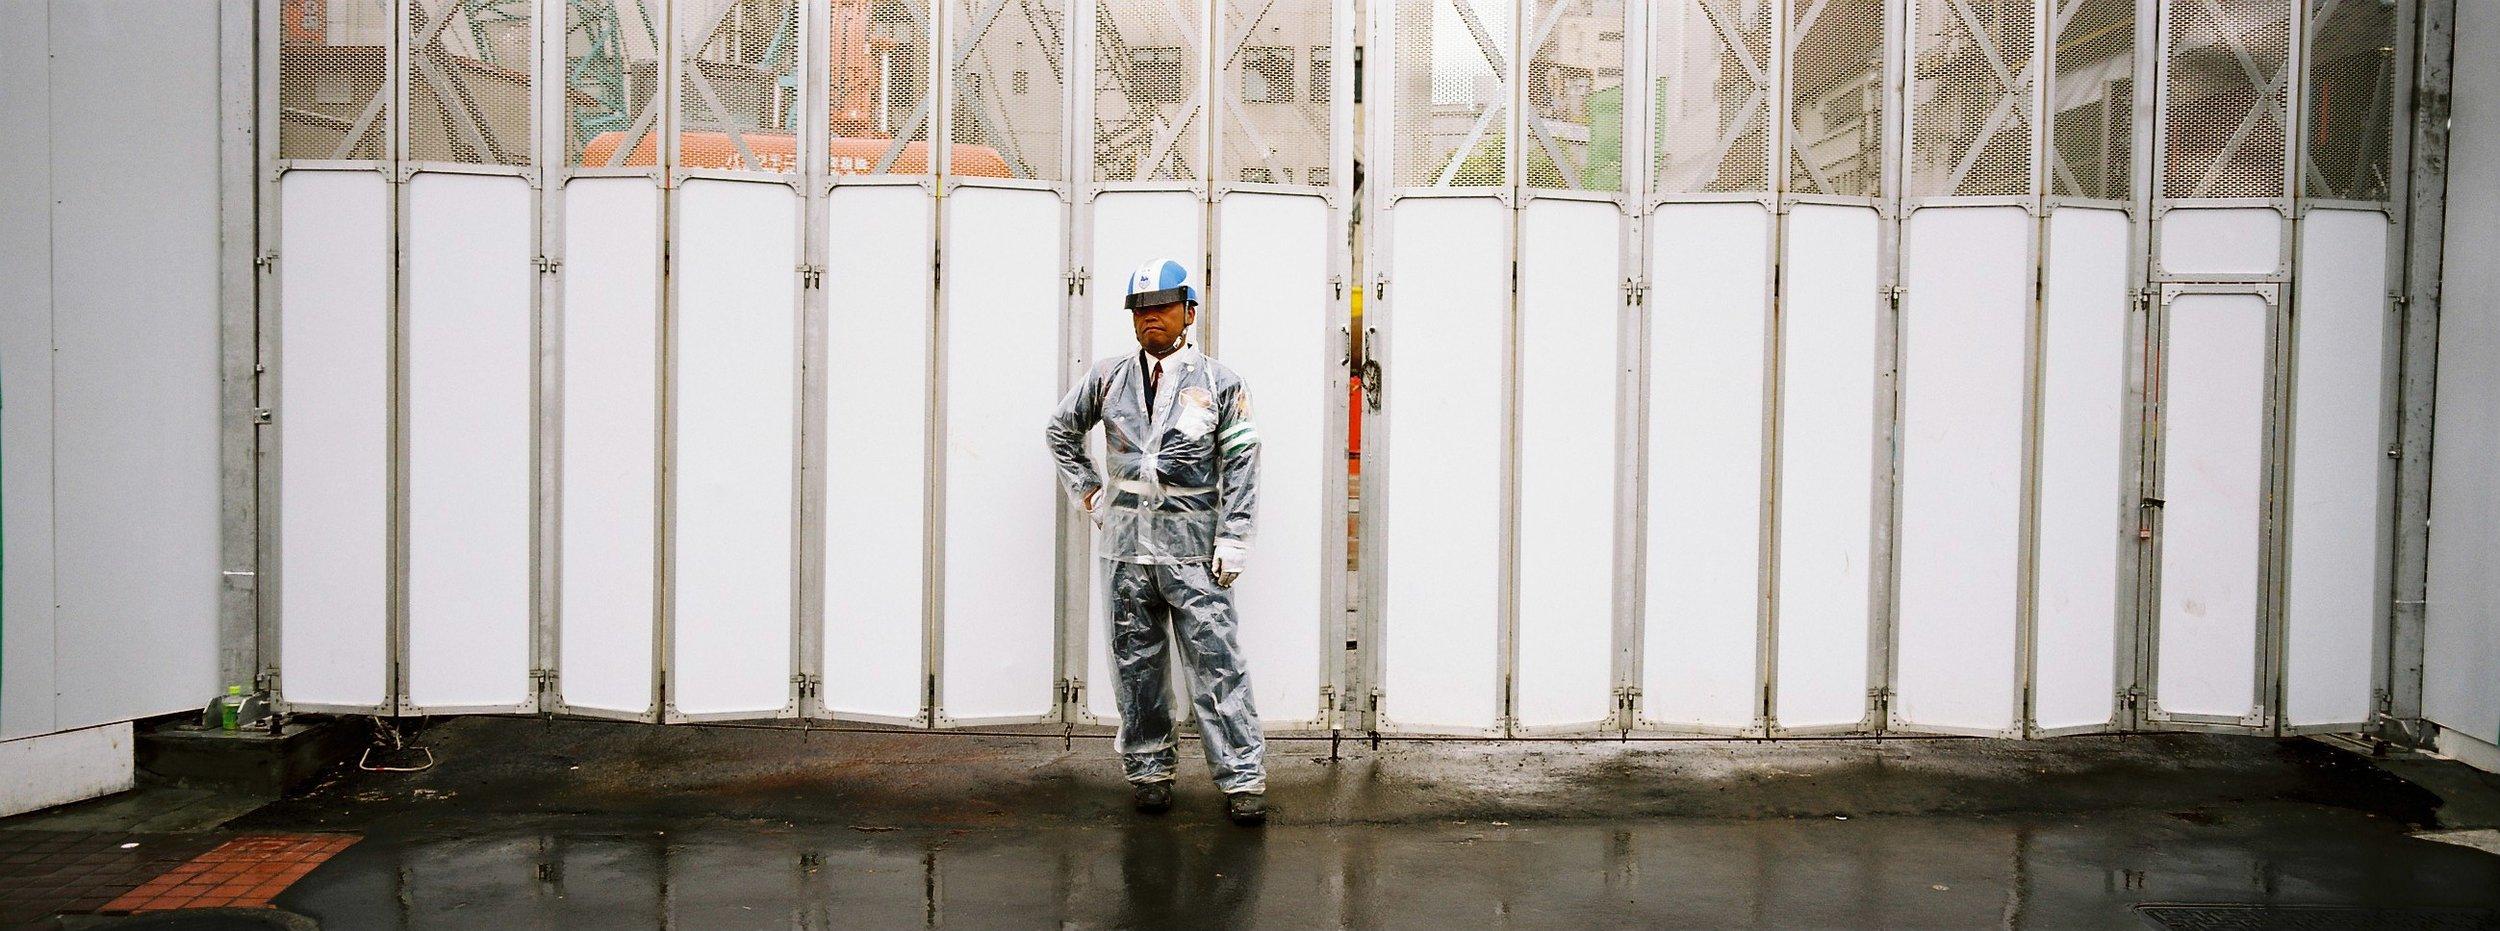 Security guard portrait